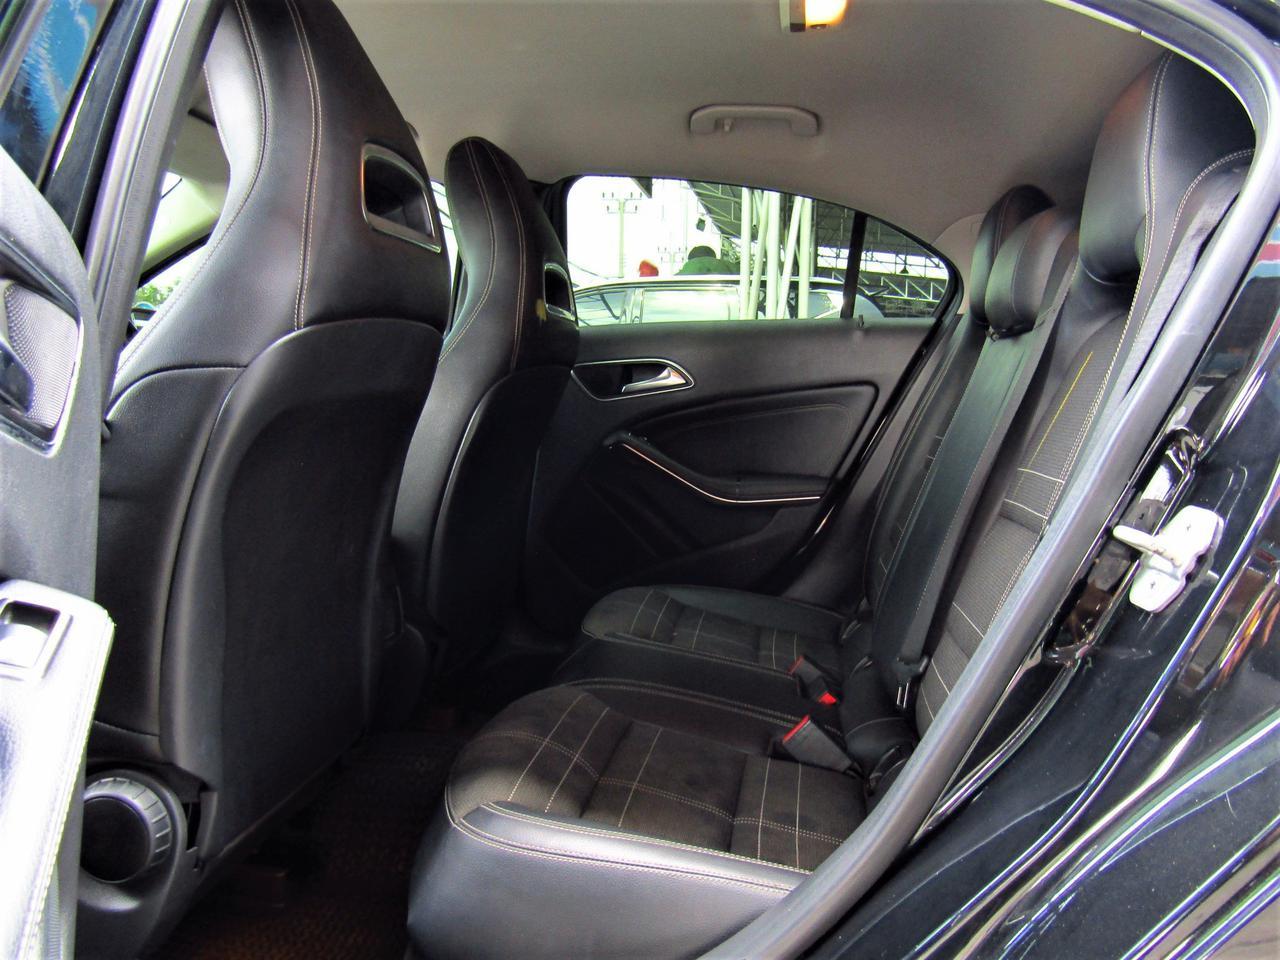 💖 BENZ A-CLASS A 180 รถเบนซ์ รถบ้าน รถมือเดียว รถสวย รถเก่ง รถมือสองสภาพนางฟ้า รถดี สมถนะดีเยี่ยม พร้อมใช้งาน รูปที่ 5